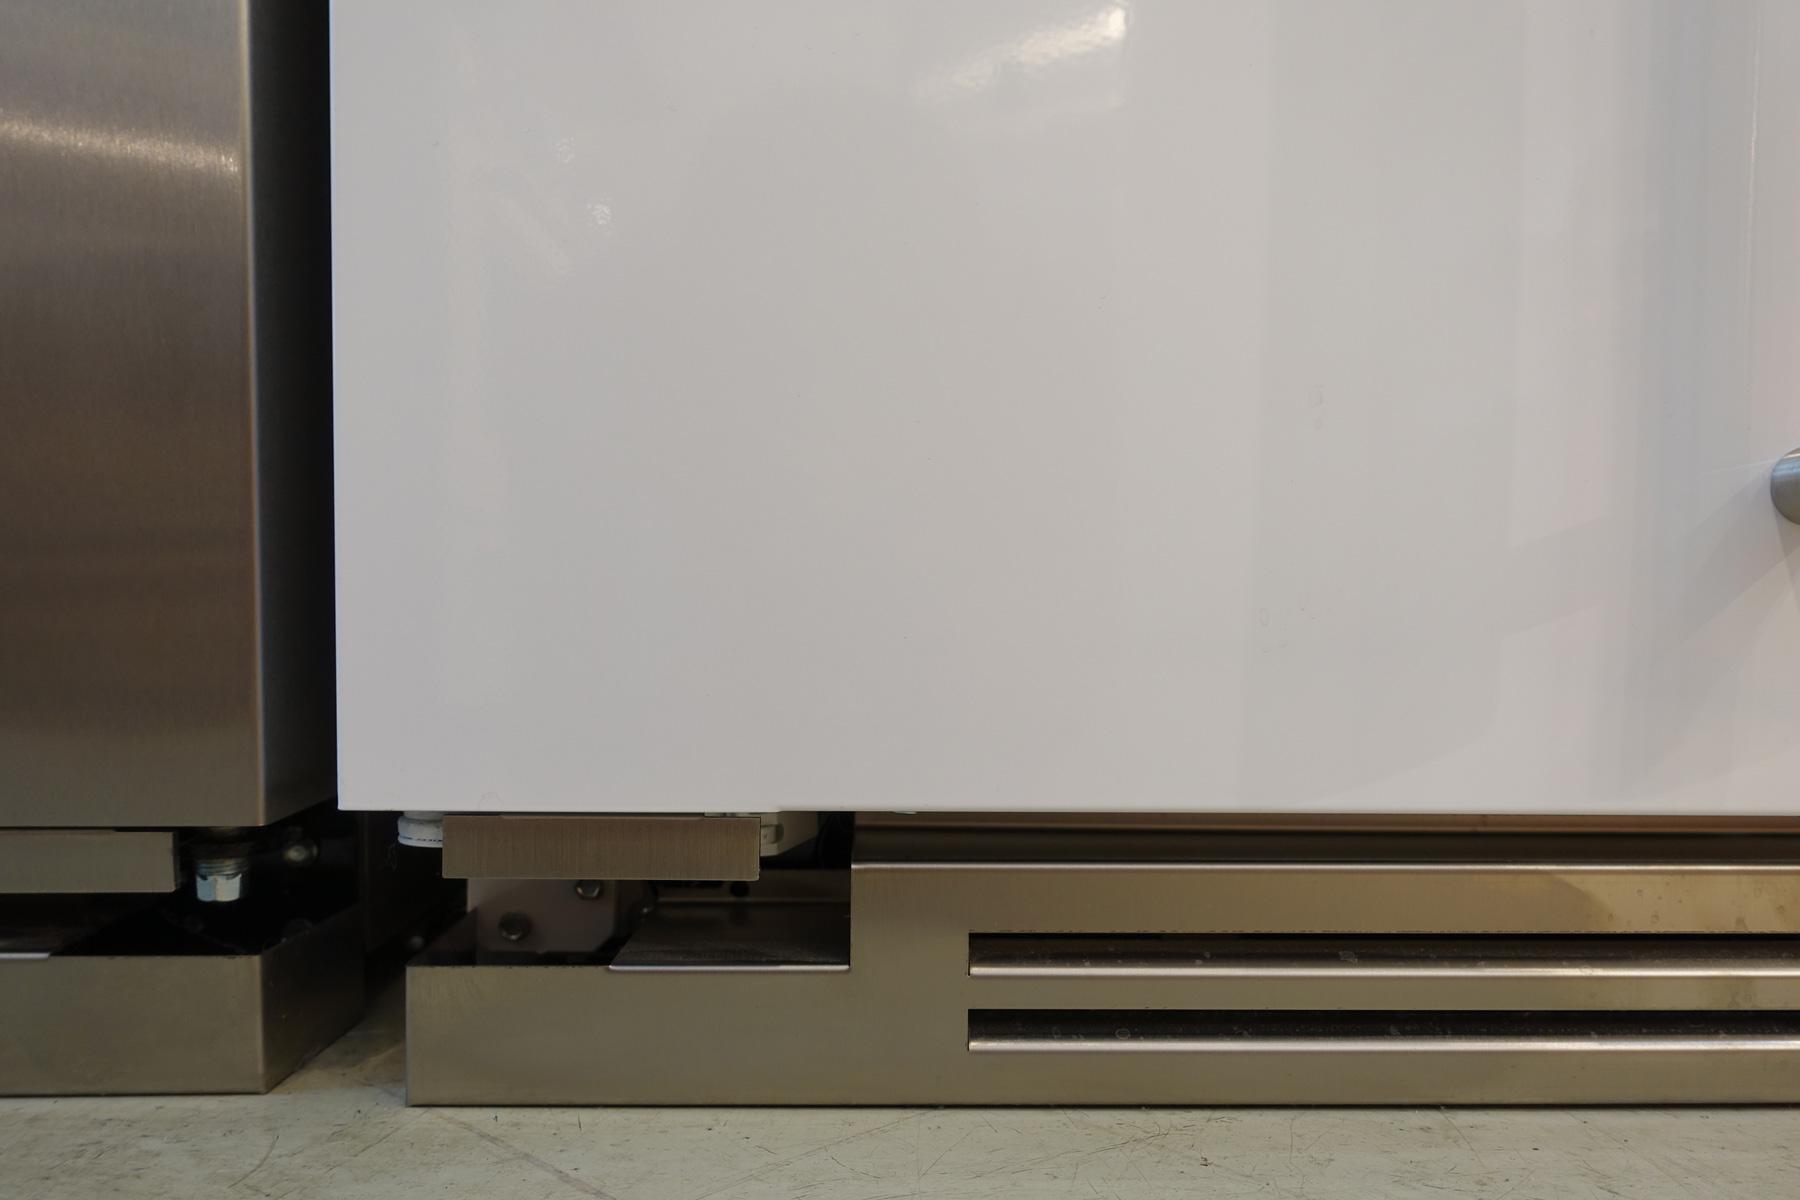 Amerikanischer Kühlschrank Maße : O f classic side by side kühlschrank mit dispenser welter